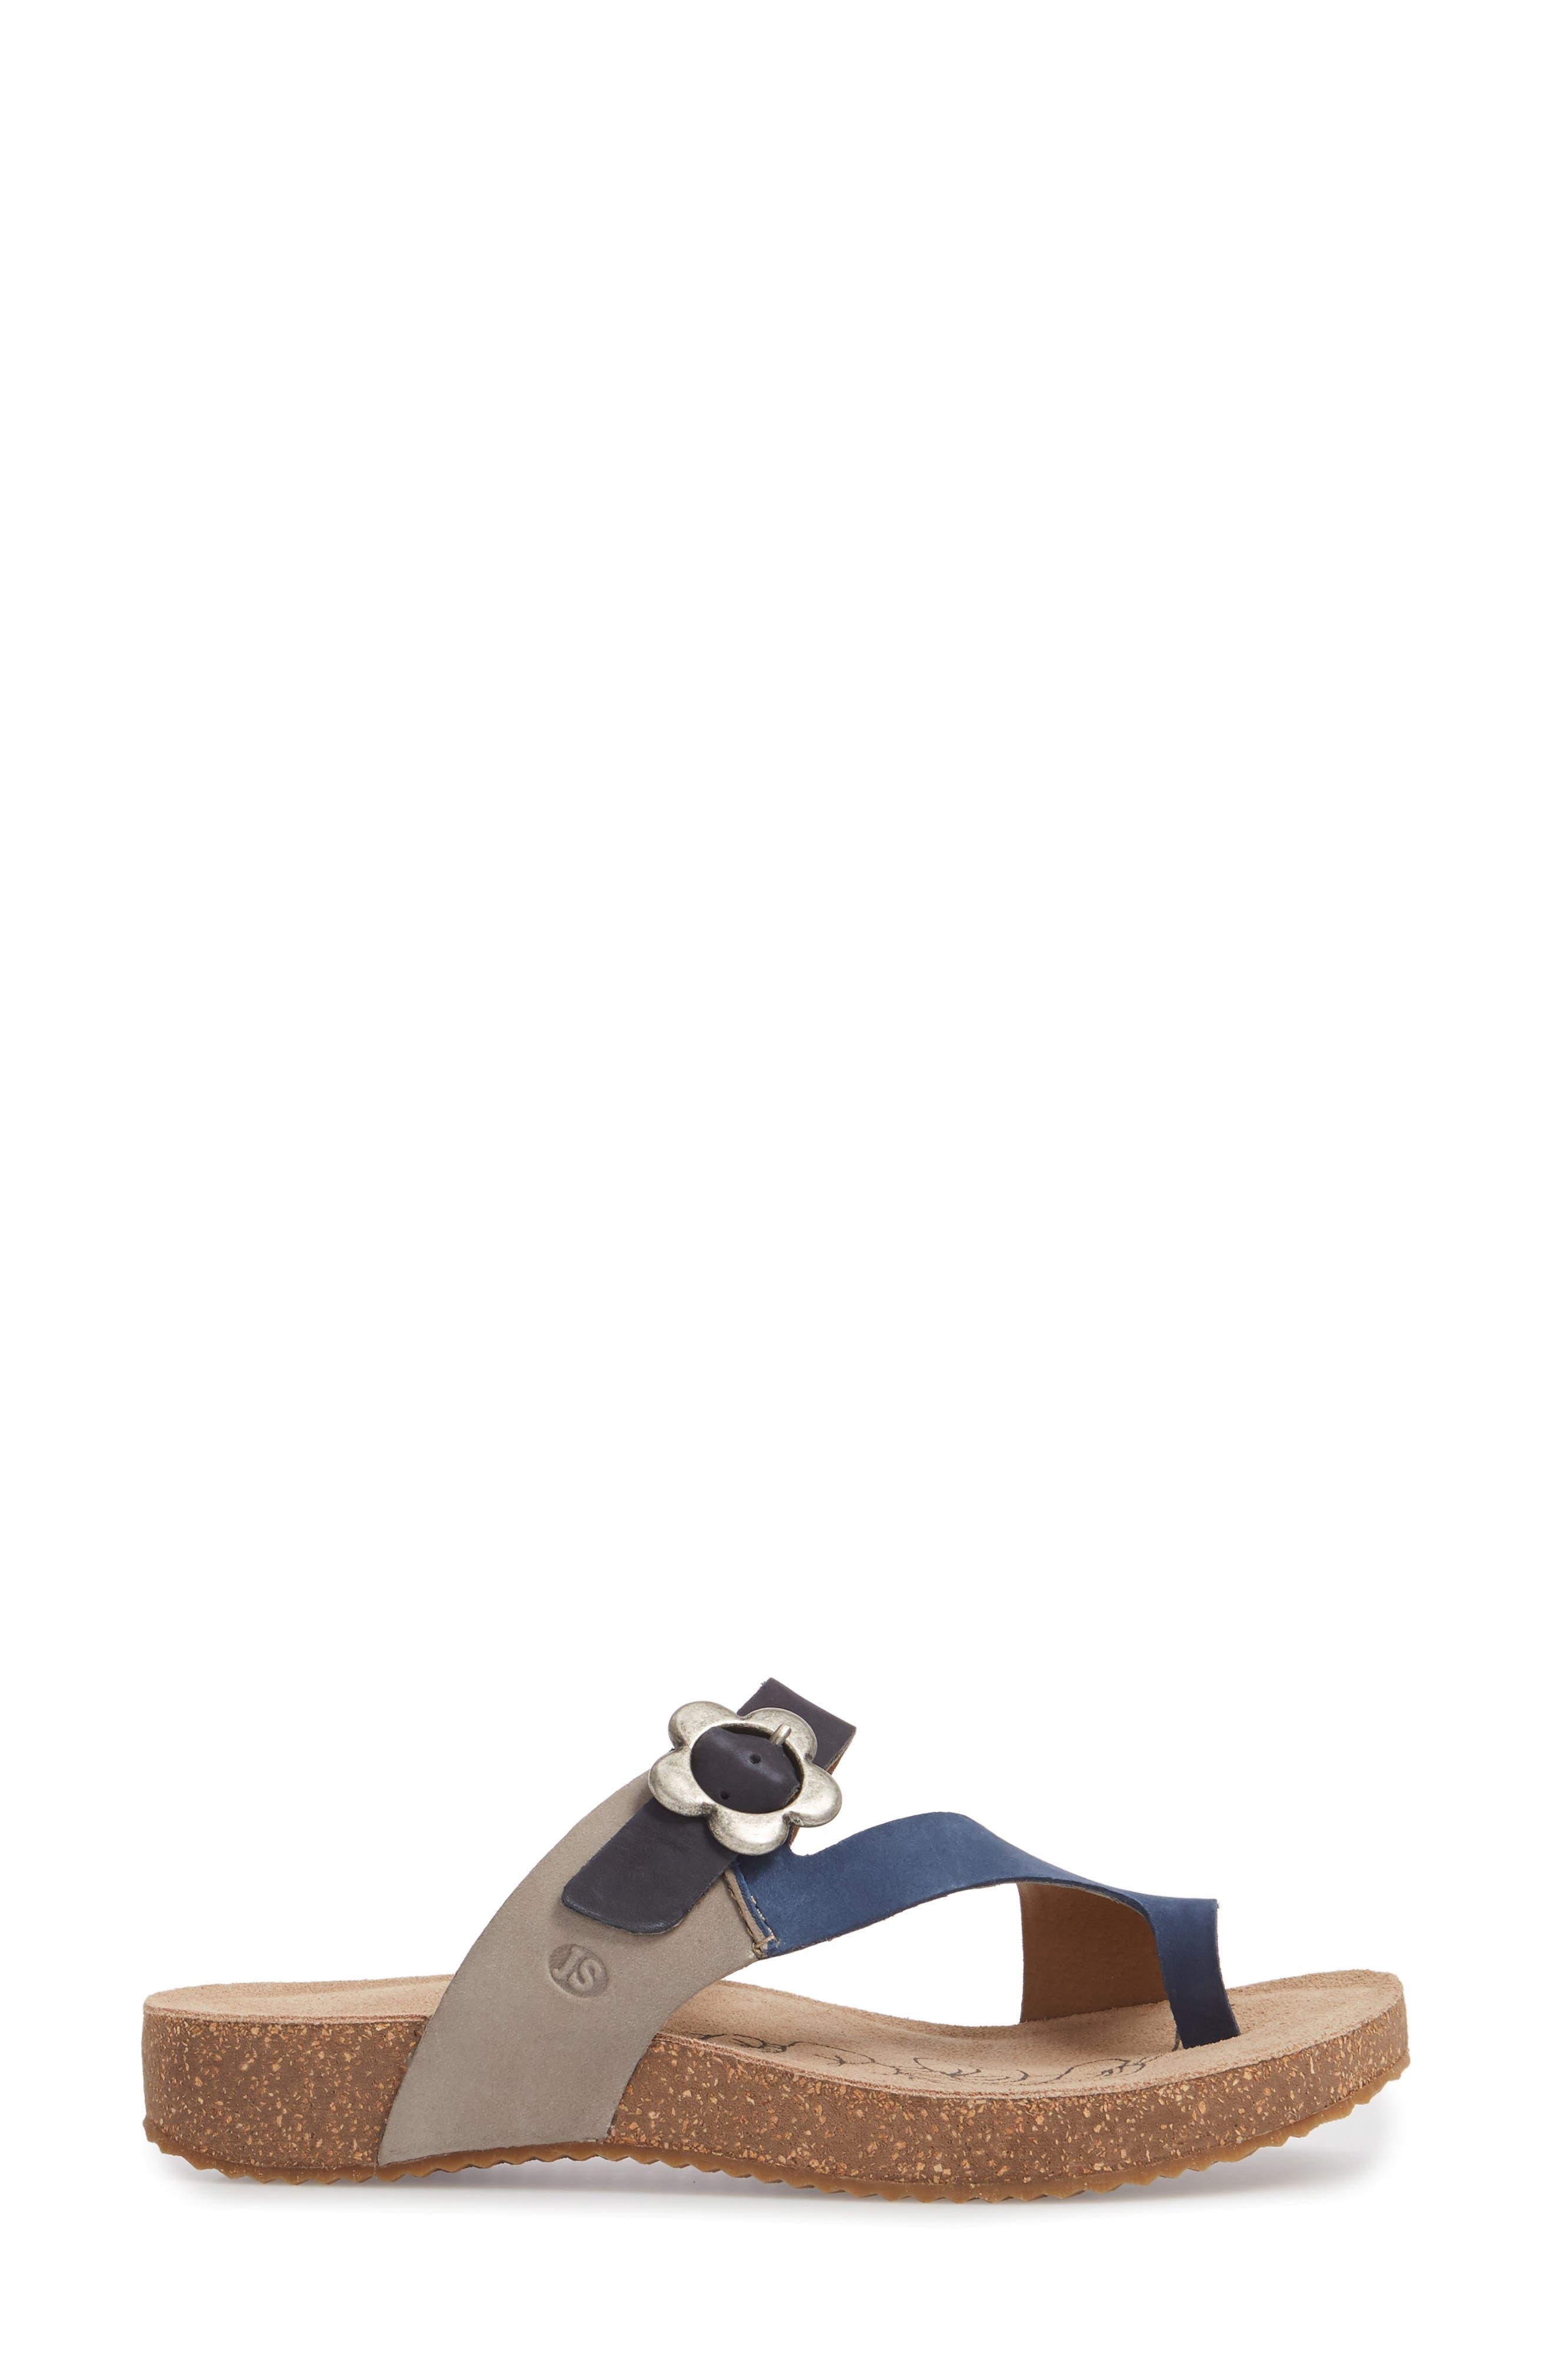 Tonga 23 Sandal,                             Alternate thumbnail 3, color,                             499